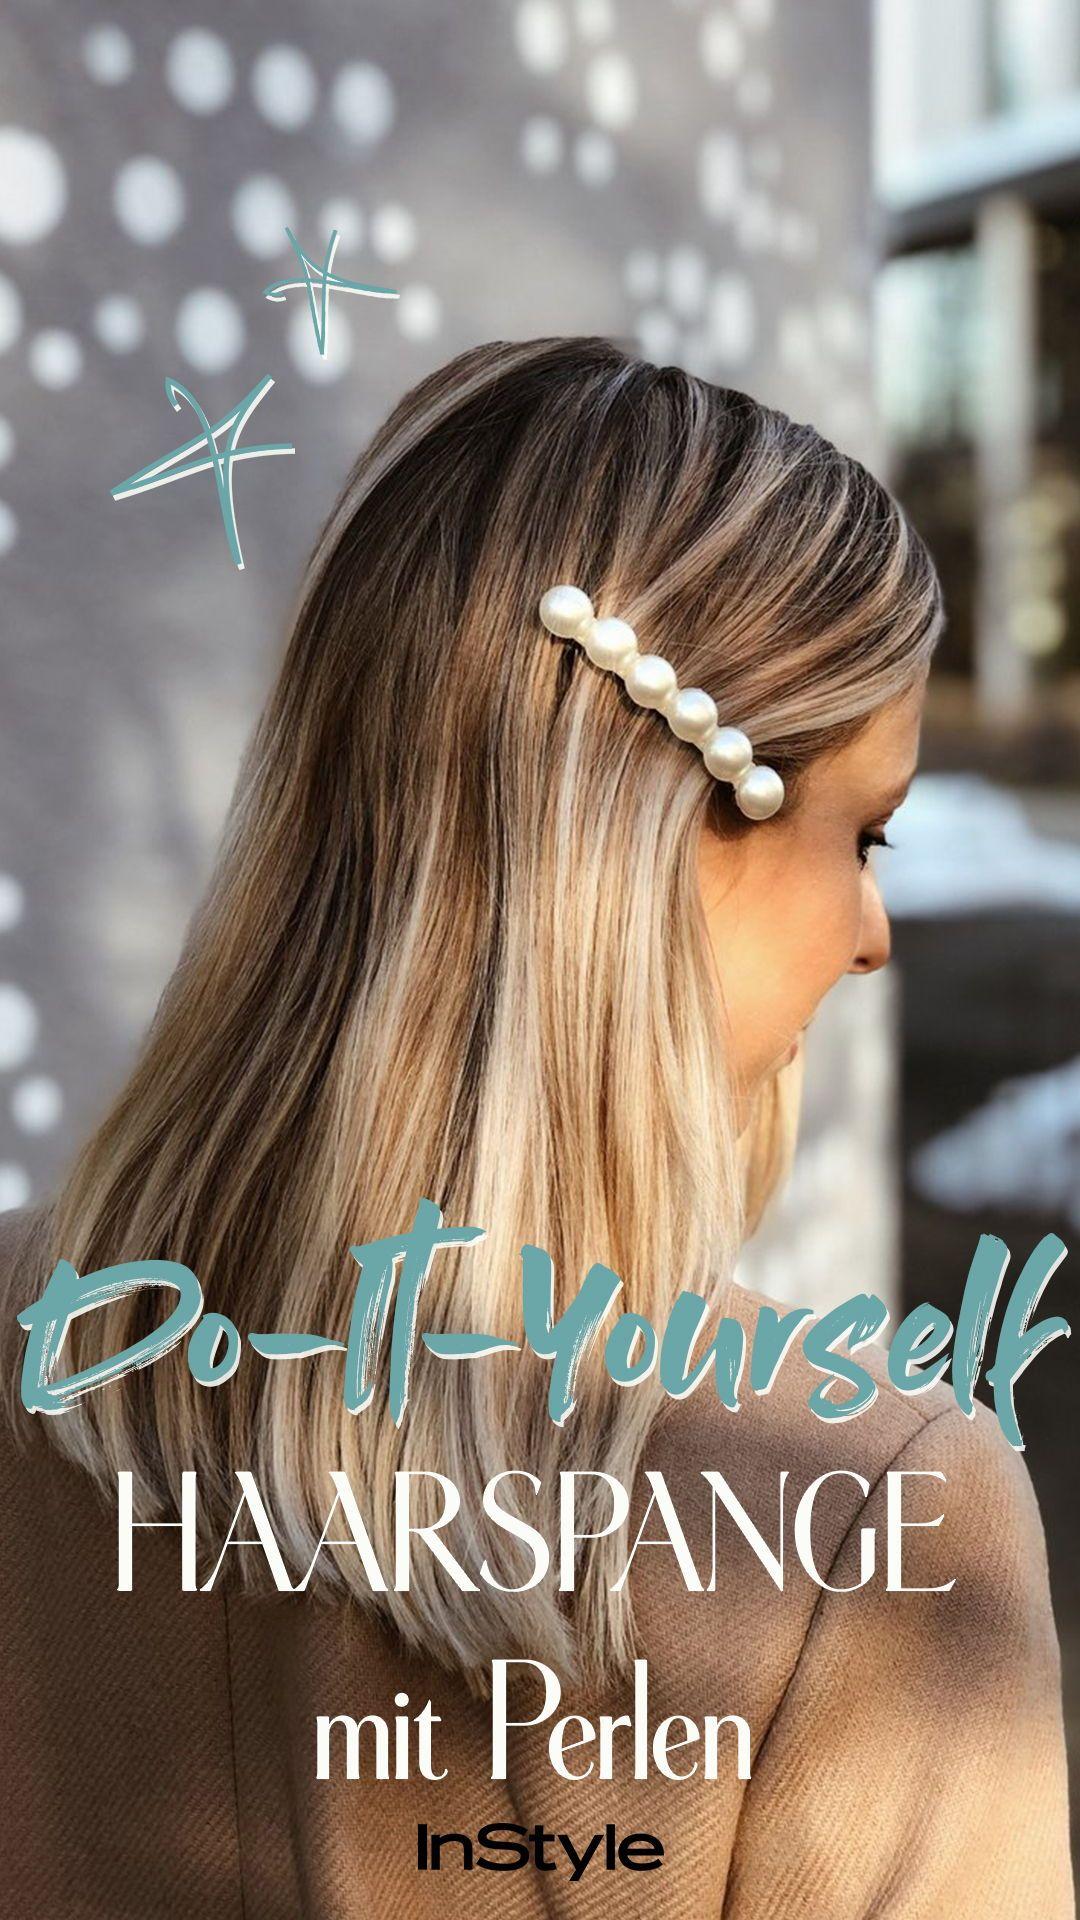 Haarspangen Diy So Einfach Bastelst Du Dir Das Trend Accessoire Selbst Haarspangen Frauen Frisuren Haare